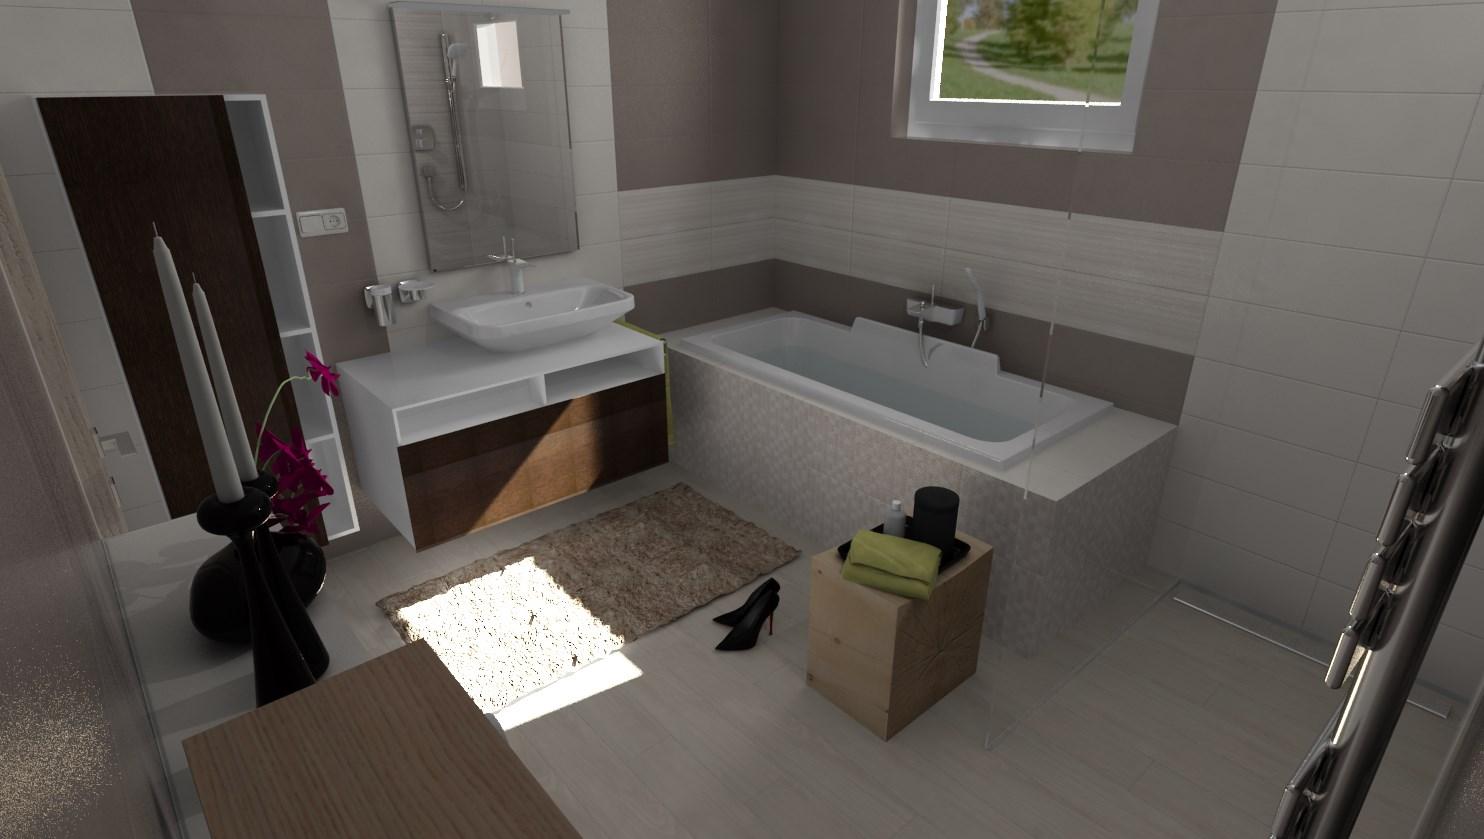 3D návrhy kúpeľní - vizualizácie - Vizualizácia kúpeľne 2,8 x 2,9 m - oObklad béžová /sivohnedá 20x50 cm